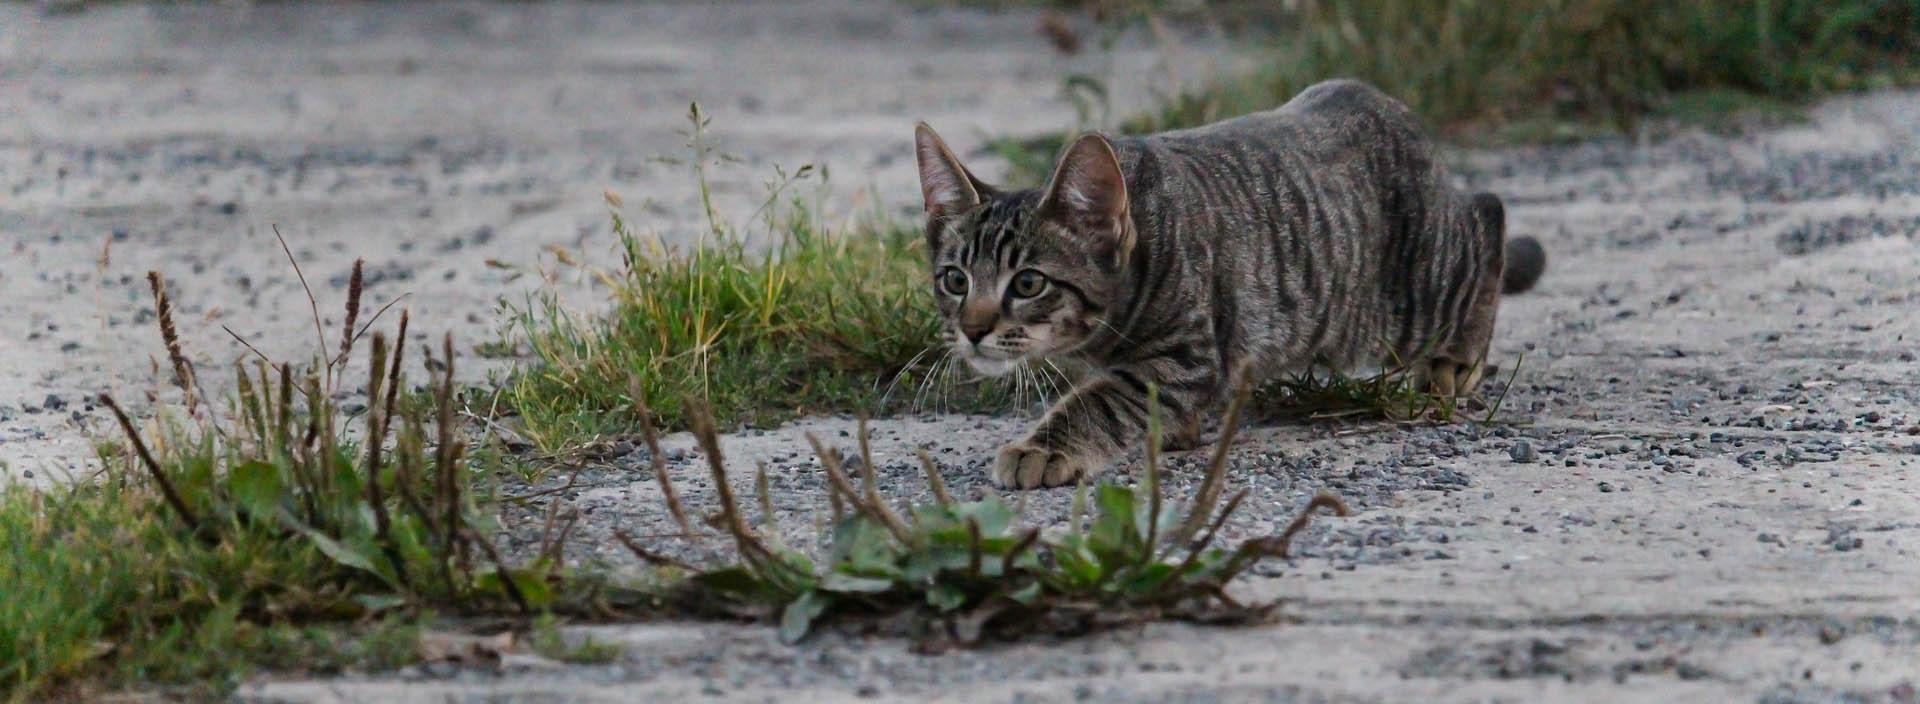 Tierarztpraxis d'Orazio - Entwurmung von Haustieren